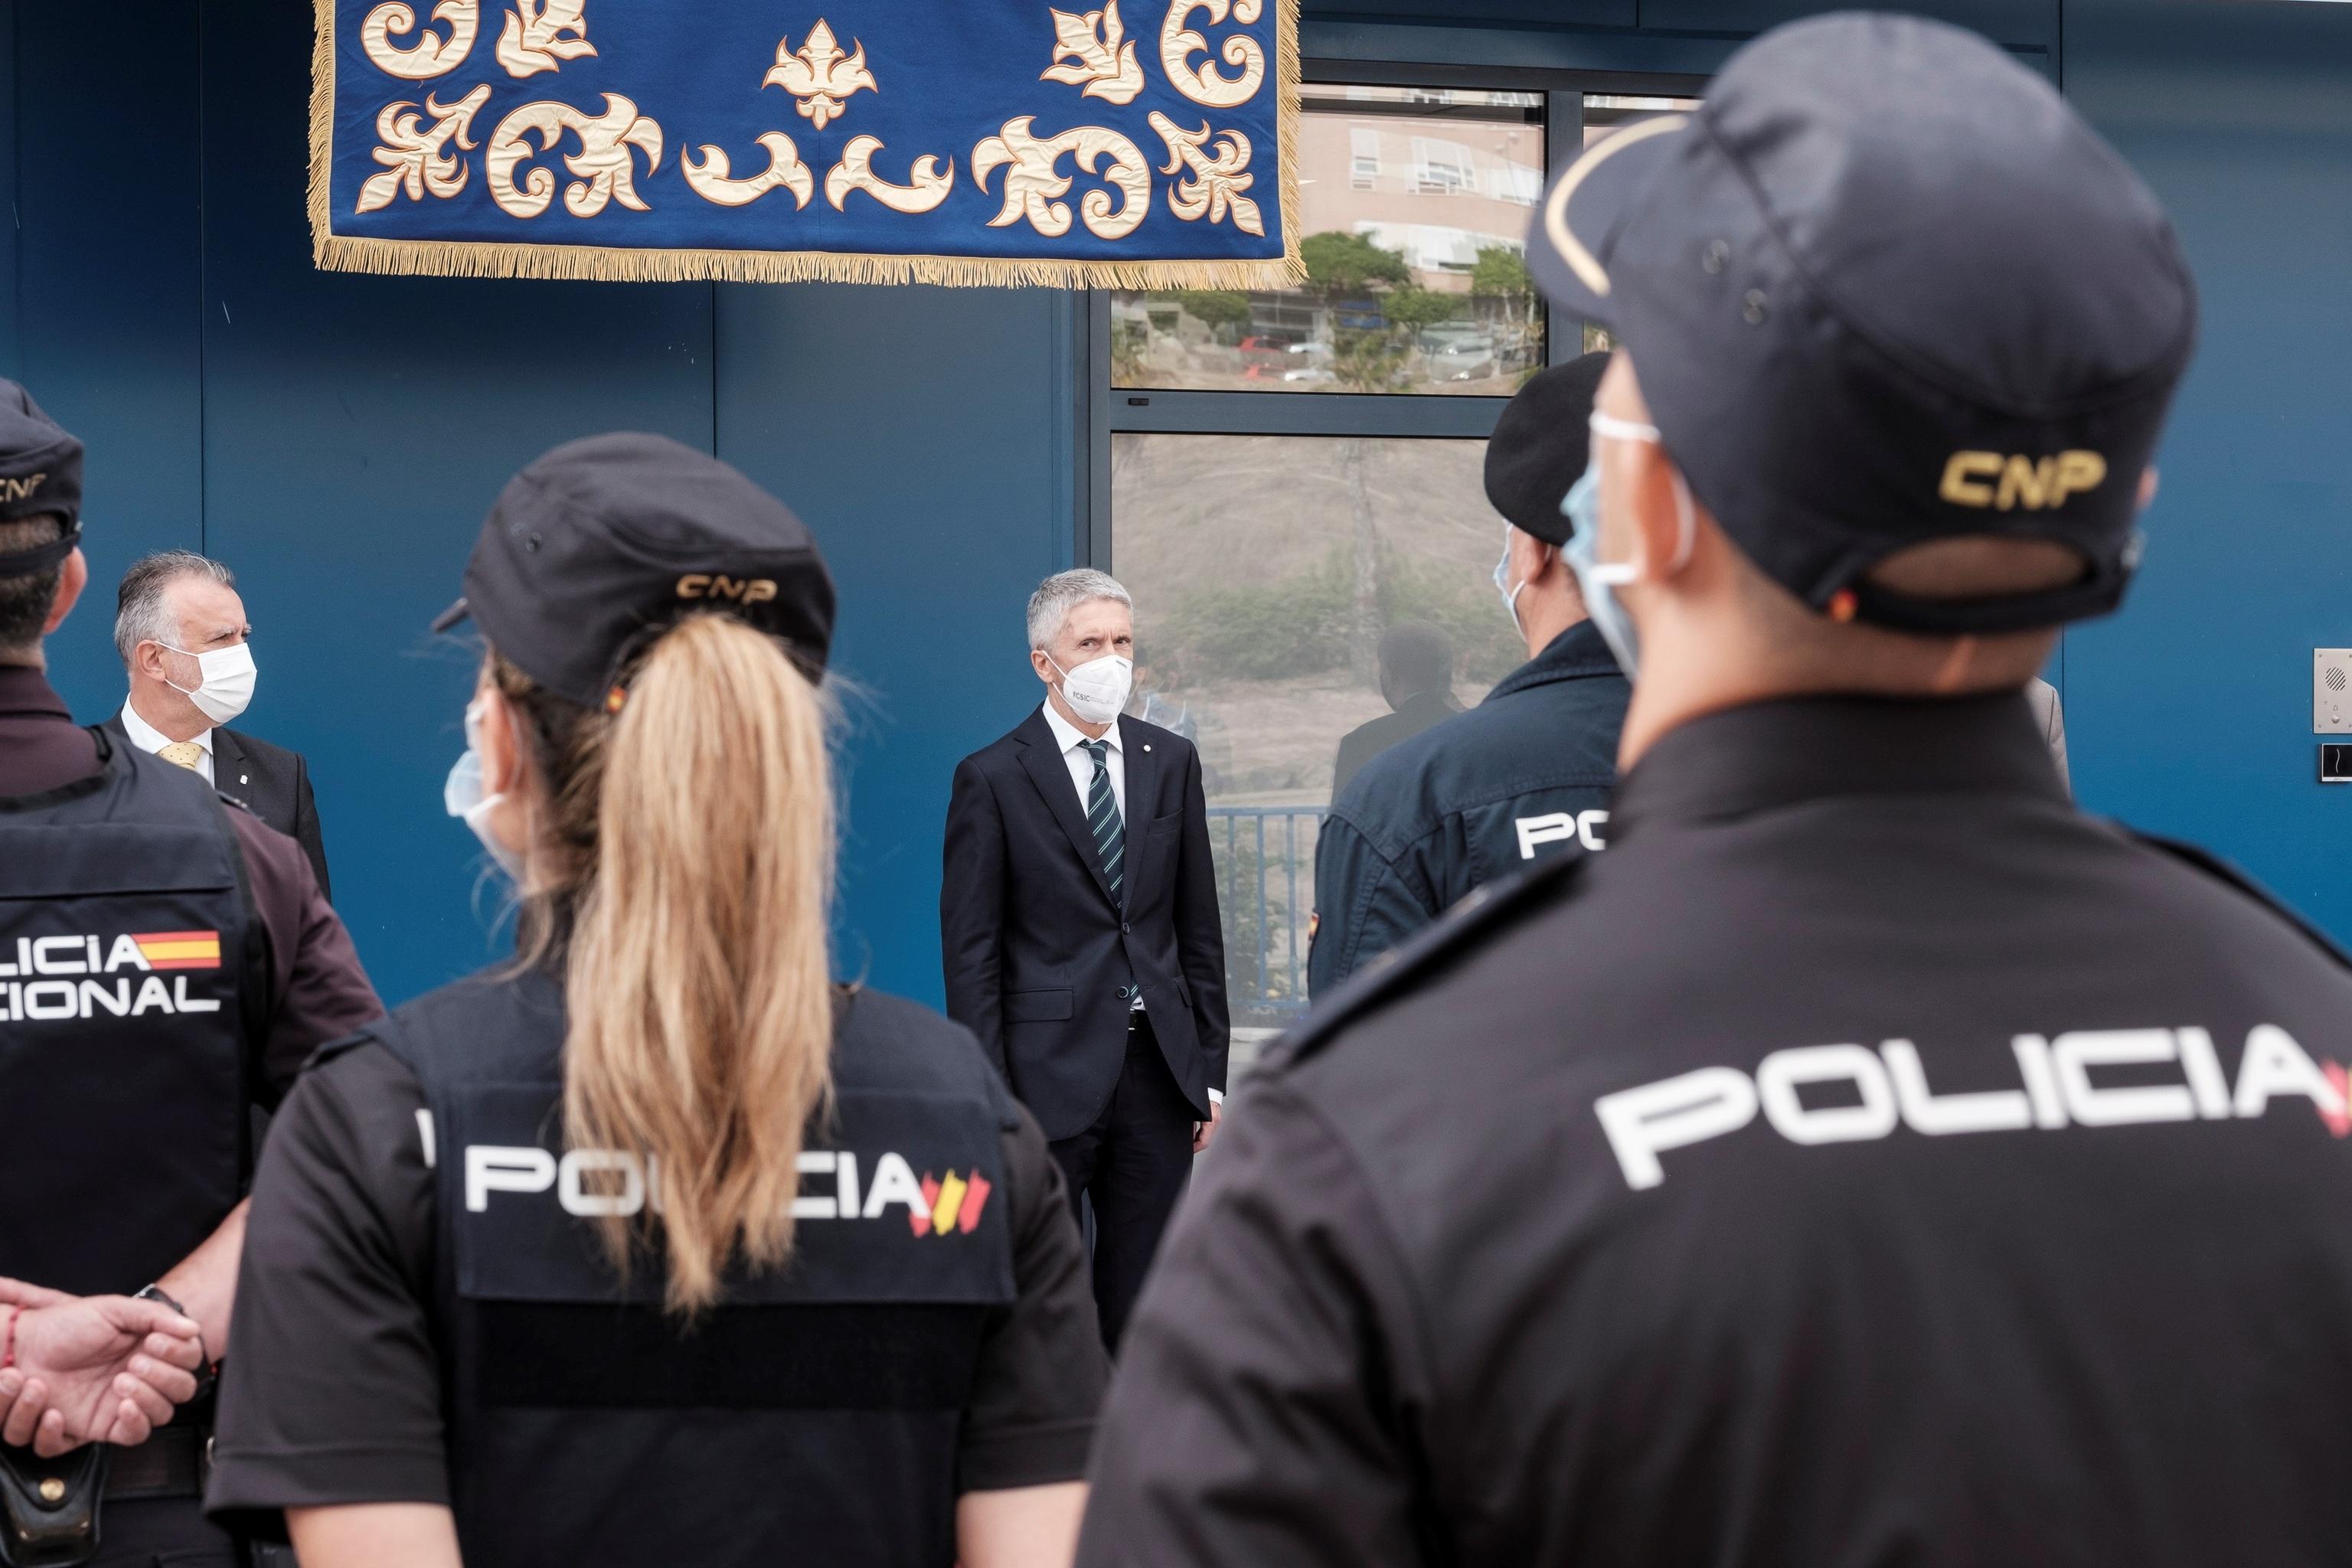 El ministro de Interior, Fernando Grande- Marlaska, en un acto con la Policia en Las Palmas